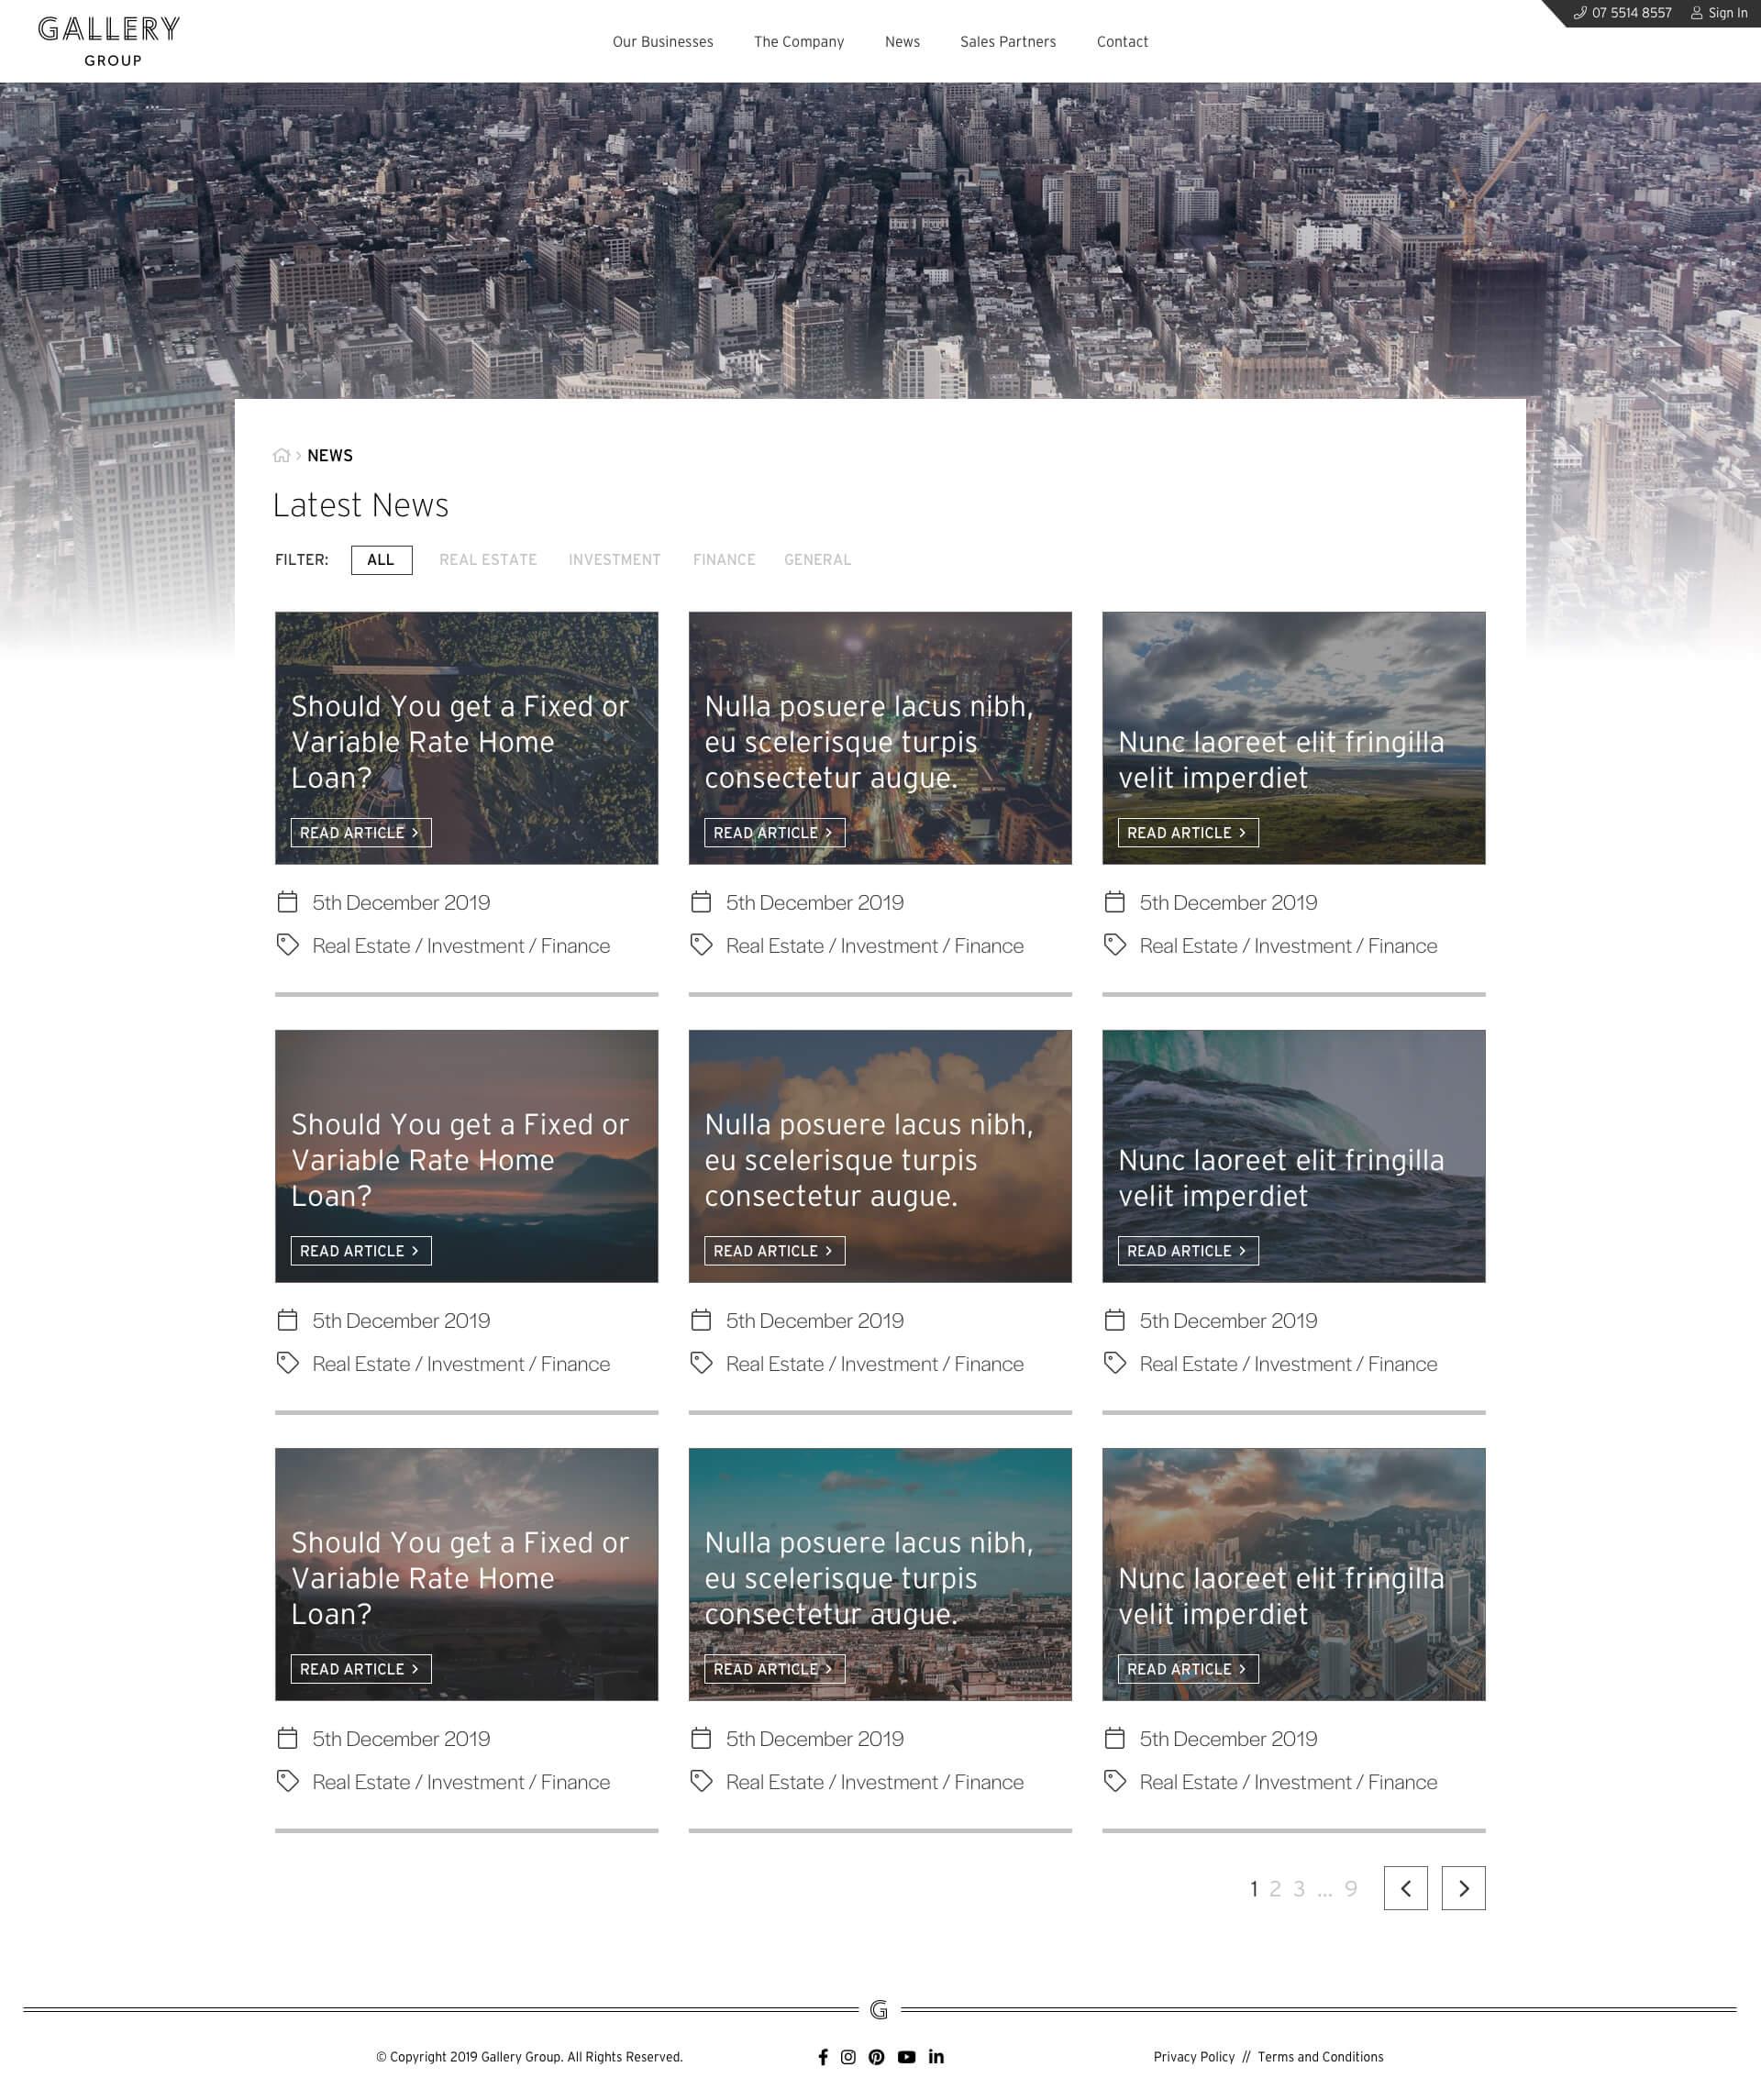 Gallery Group - Gallery Homes - Blog (Desktop)